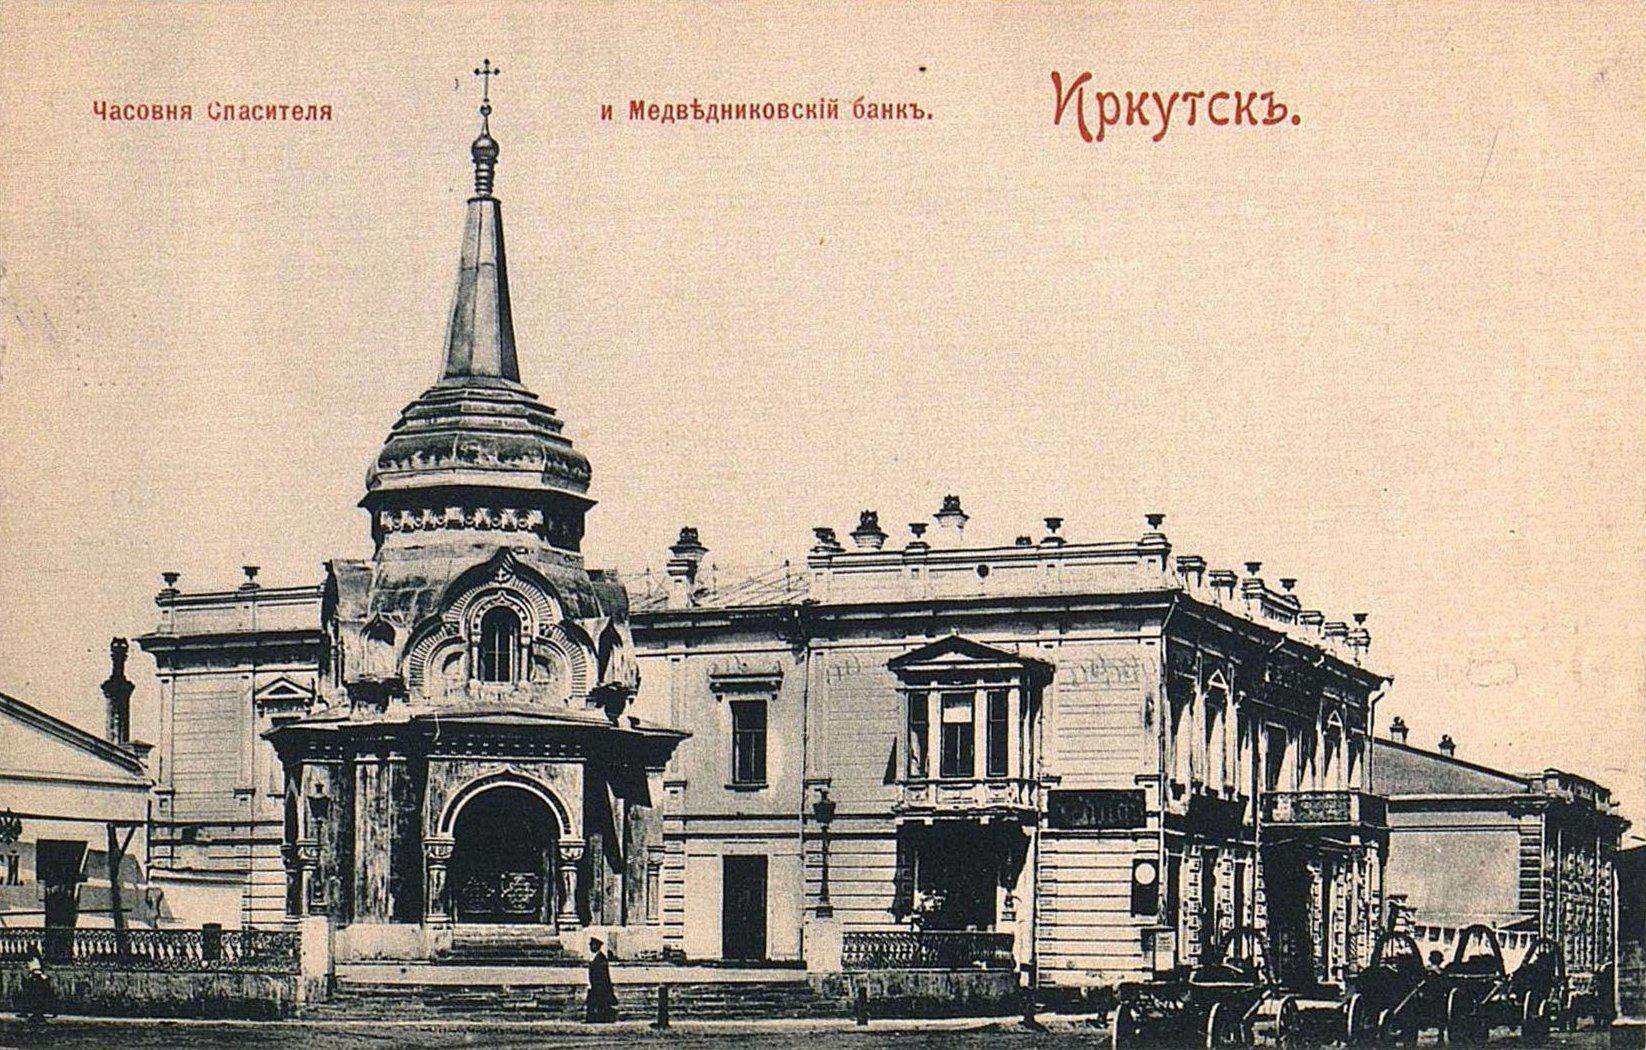 Угол улиц Большой и Ивановской. Часовня Спасителя и Медведниковский банк